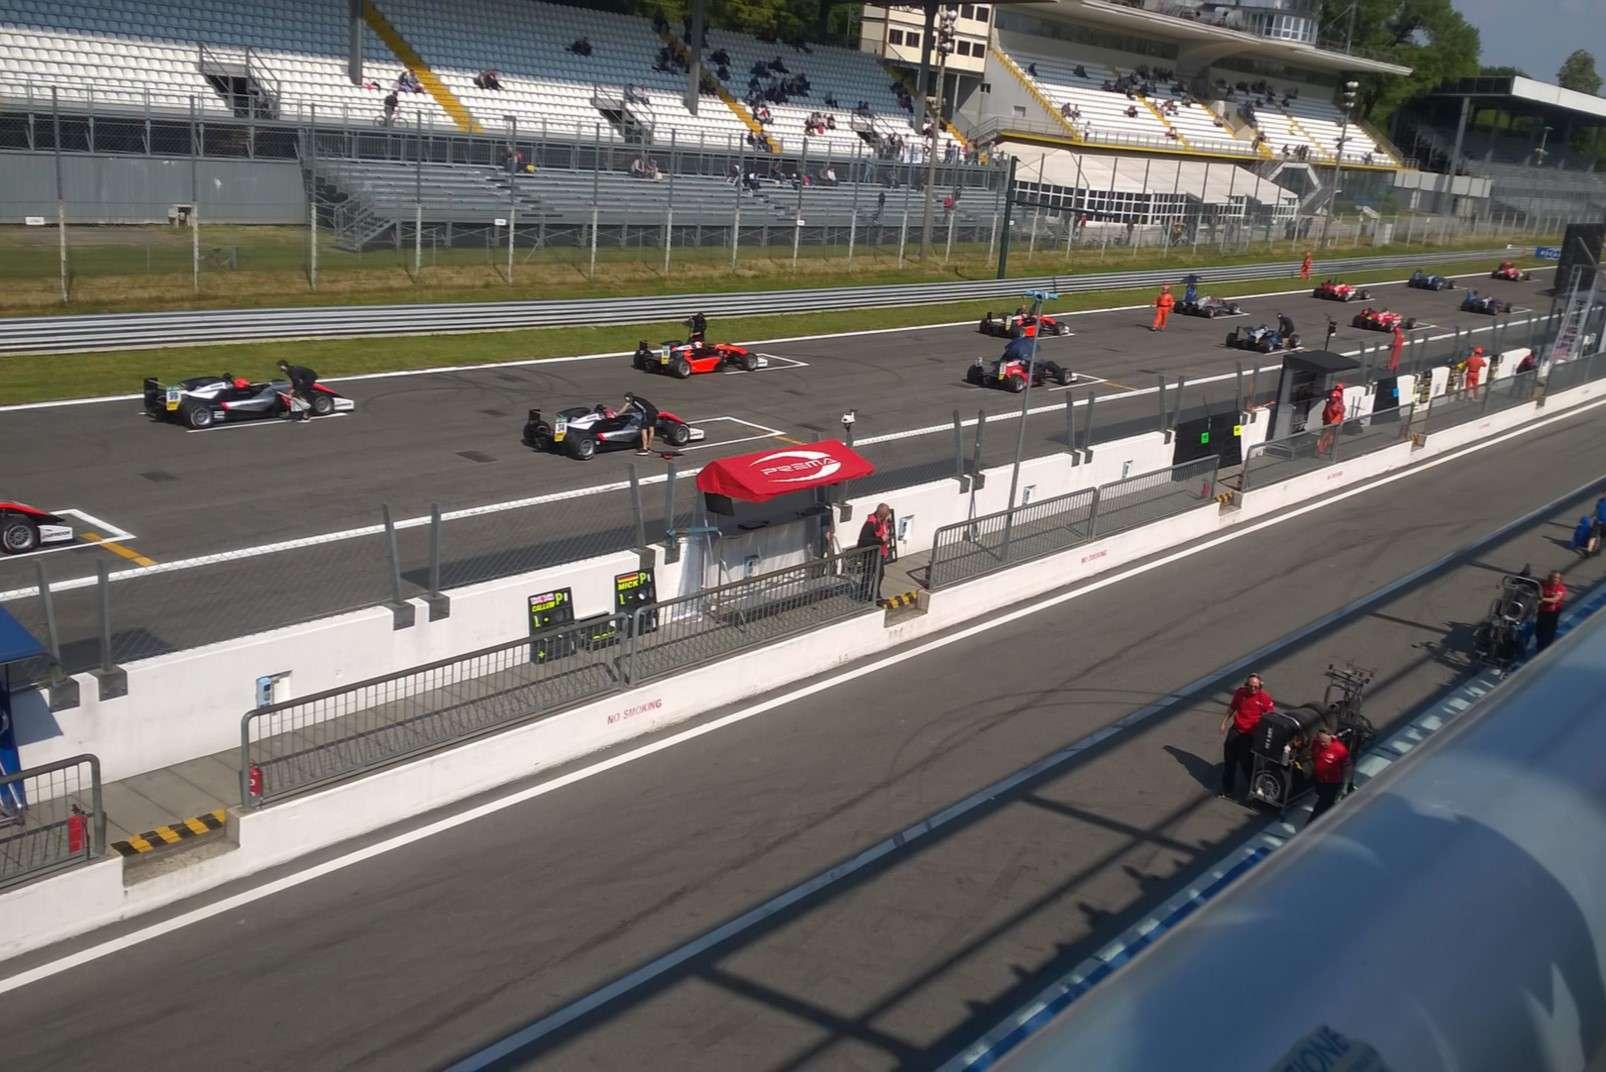 The Monza racetrack